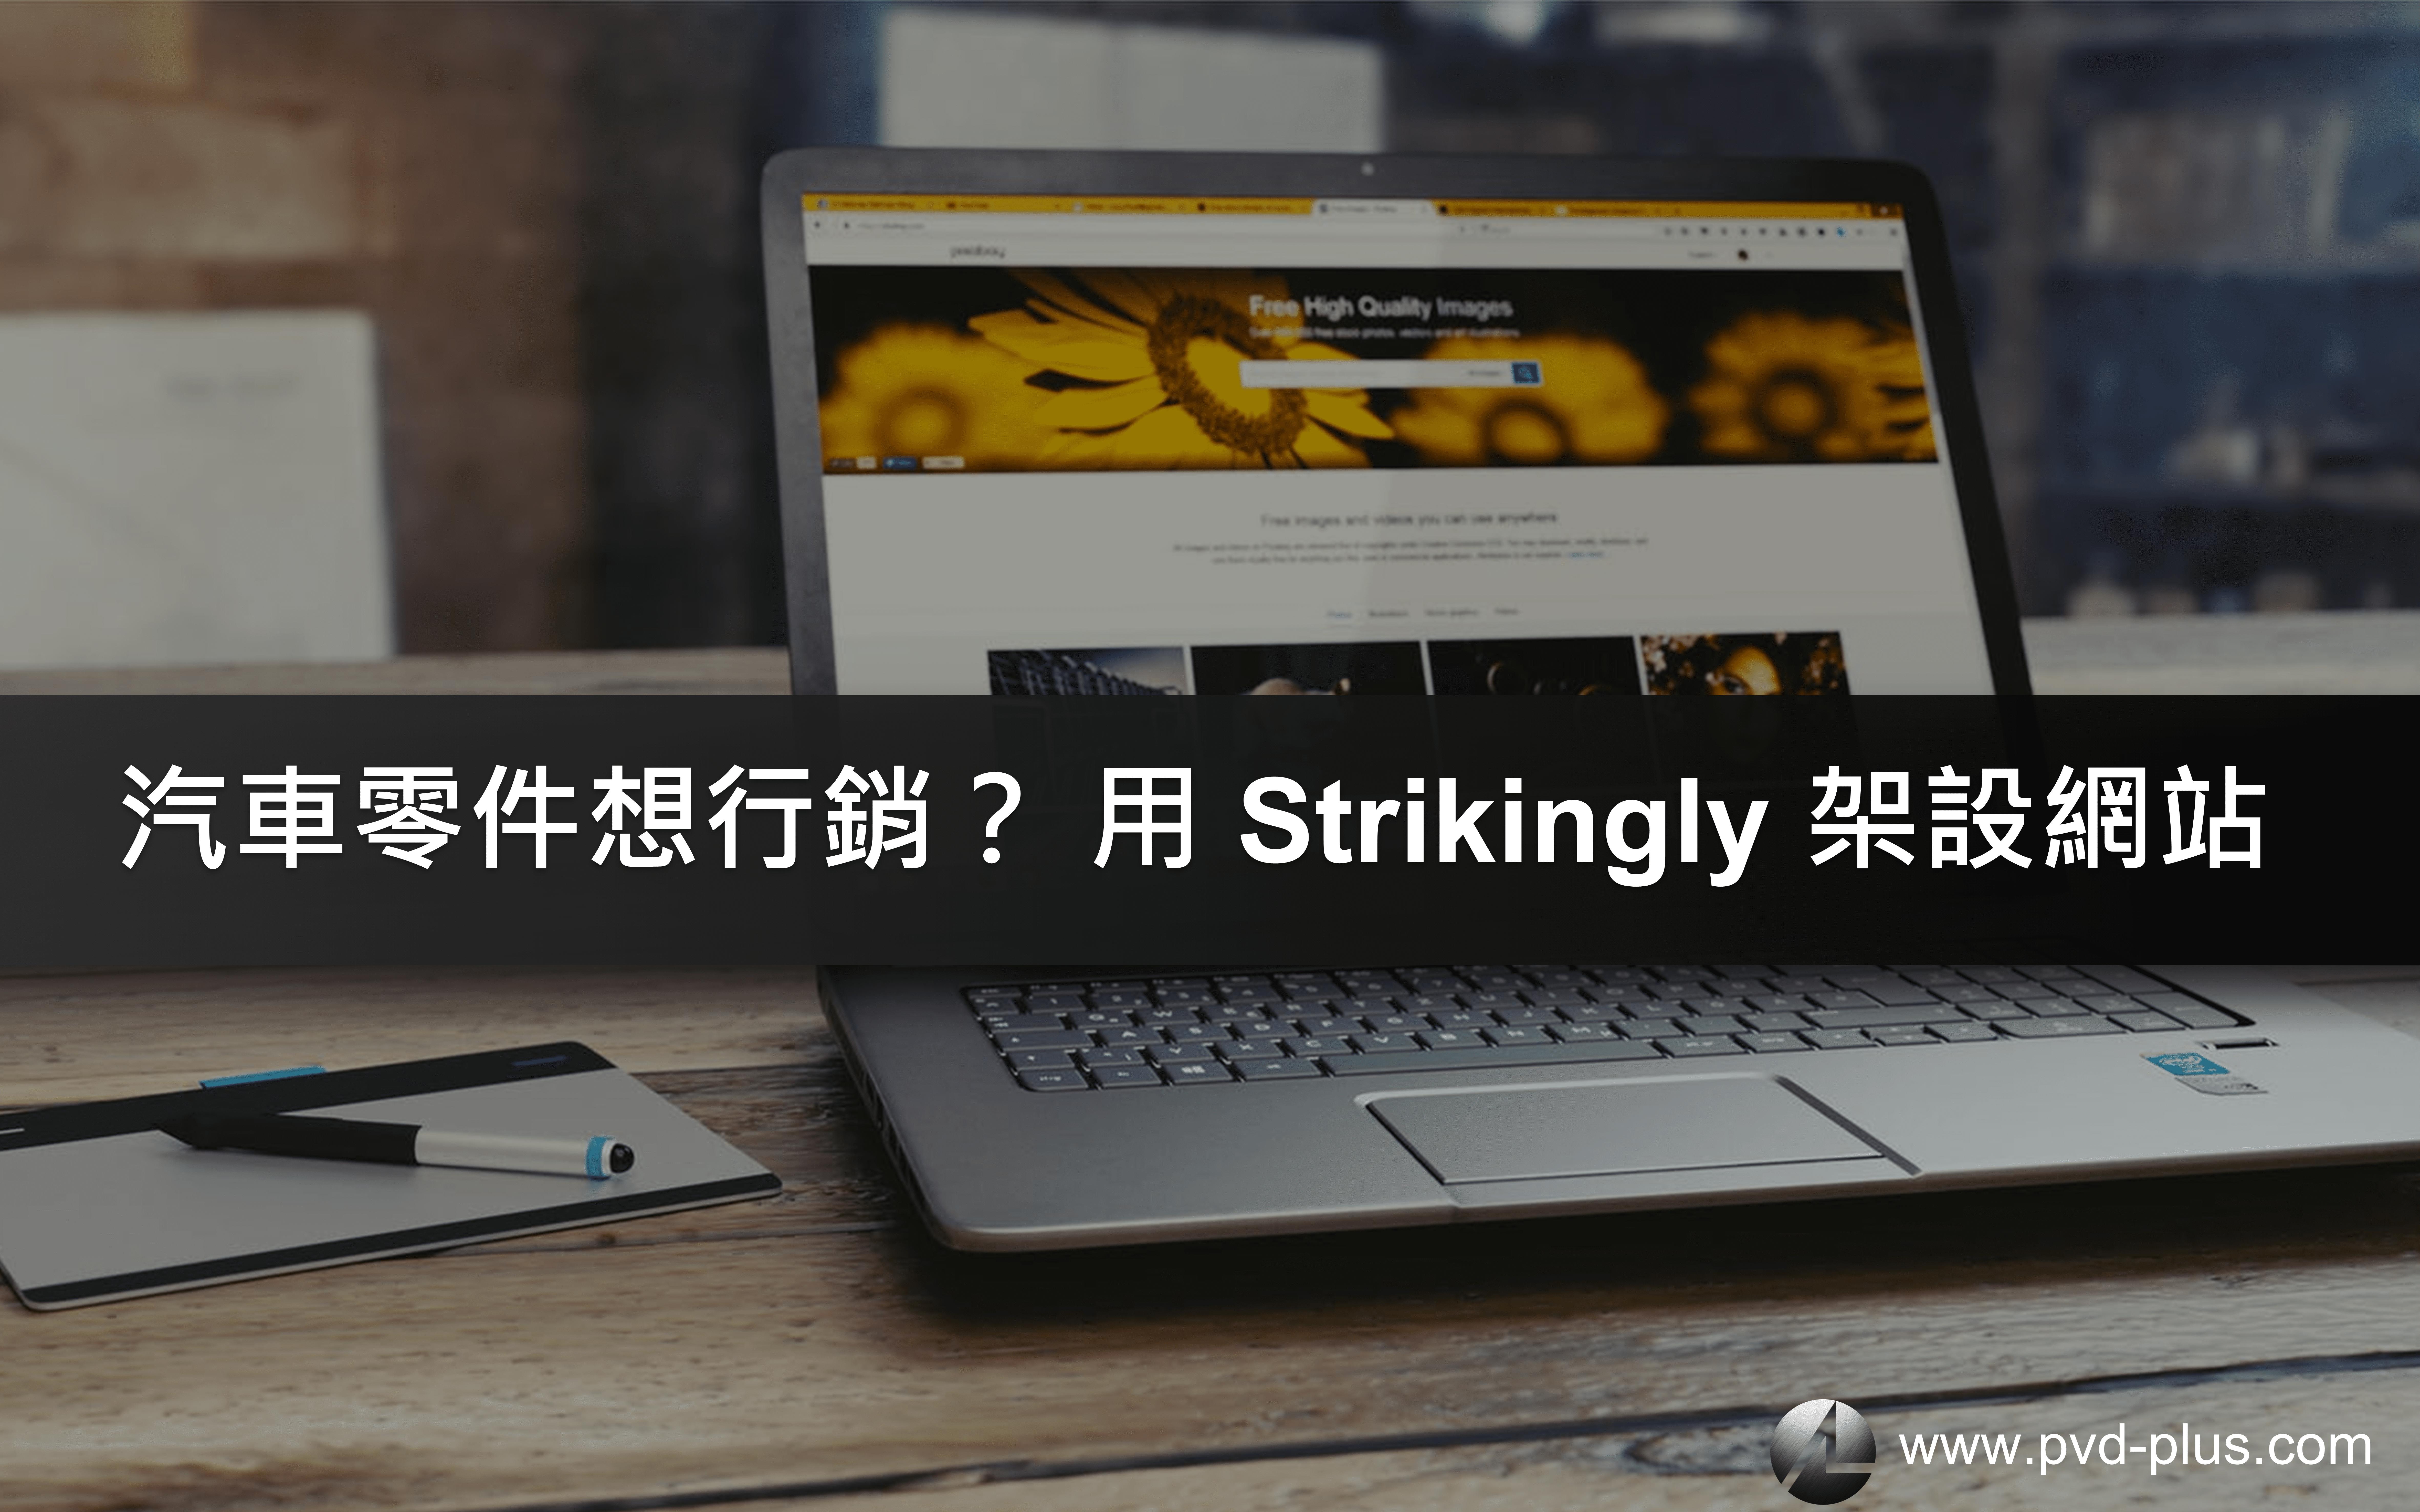 汽車零件公司網站如何架站?盤點 4 個 Strikingly 應用方式,讓顧客源源不絕!